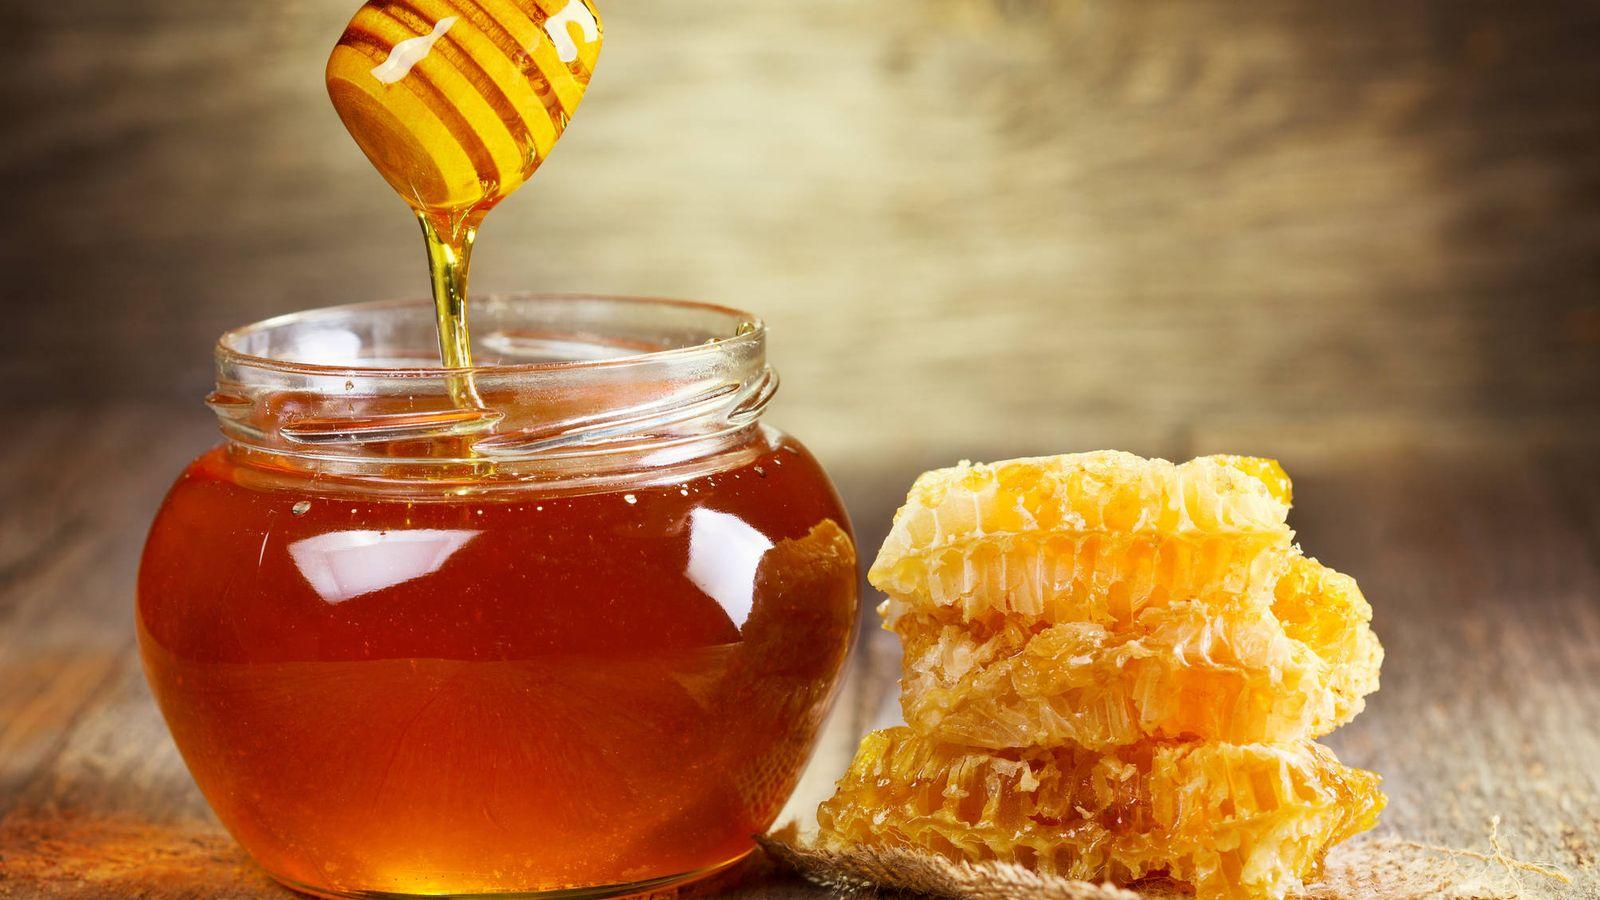 Foto: La miel tratada tiene una vida útil prácticamente indefinida. (iStock)